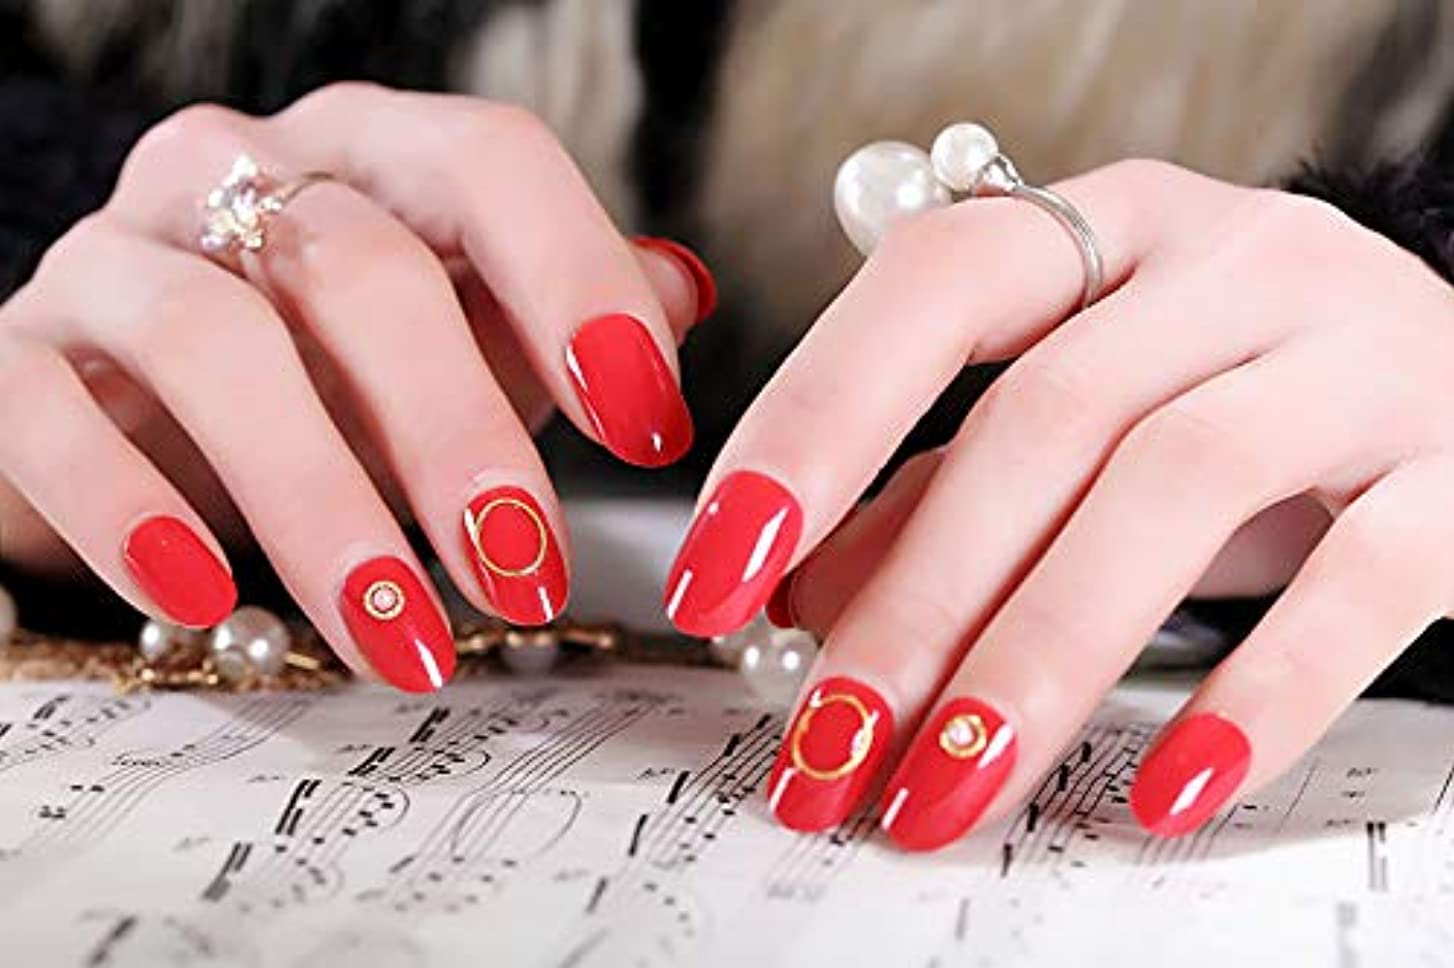 惑星引く流行している24枚入 手作りネイルチップ ネイル花嫁 ゴールデンビーズ 円の装飾 かわいいとエレガント 花嫁の爪のチップ (レッド)